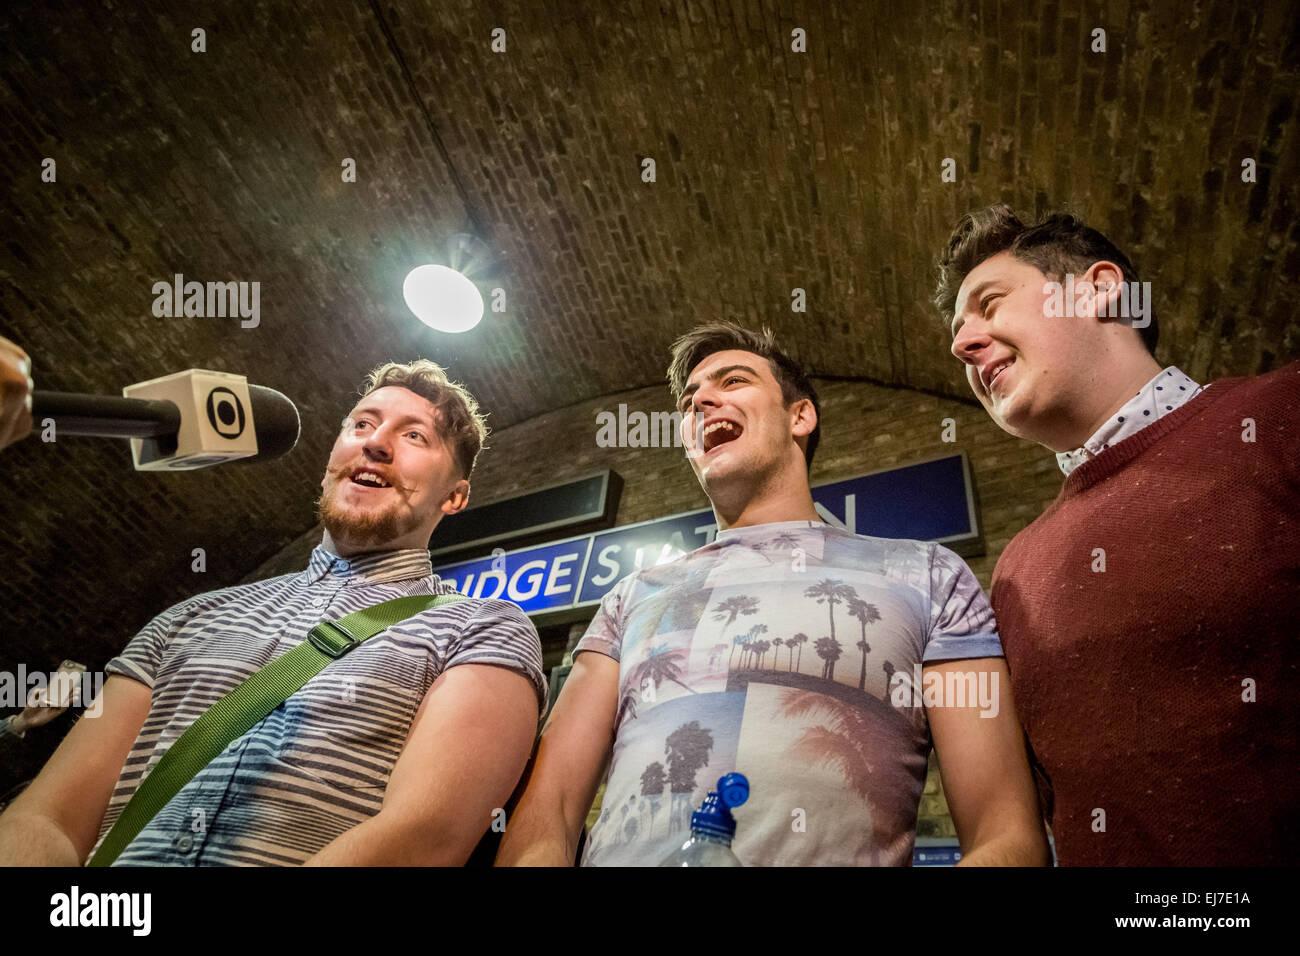 Londres, Royaume-Uni. 23 mars, 2015. La bande sur mesure busk à la Station London Bridge Crédit: Guy Josse/Alamy Live News Banque D'Images